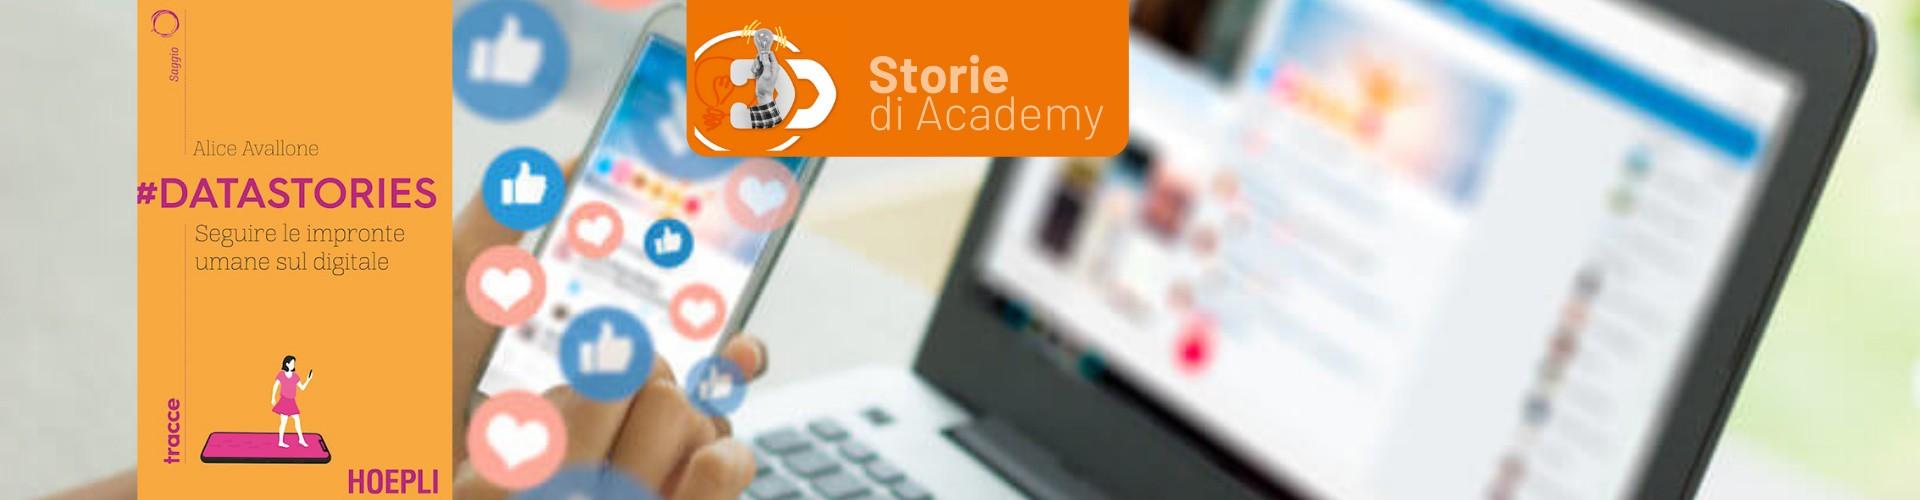 Alice Avallone<br>  La prateria digitale e la magia dei piccoli dati che diventano storie